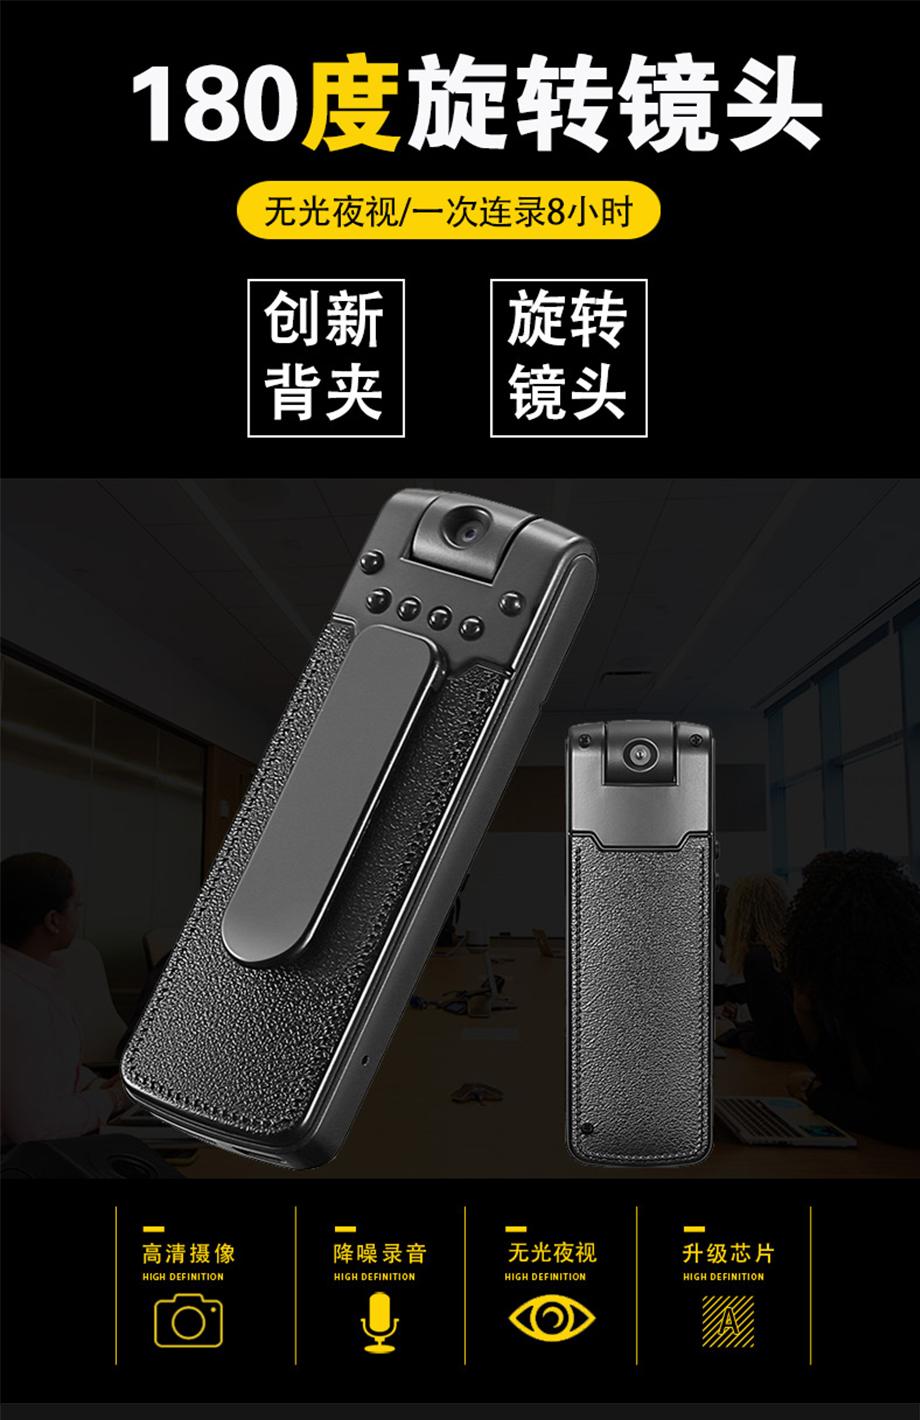 摄像机图片高清监控摄像机将助力故宫安防升级